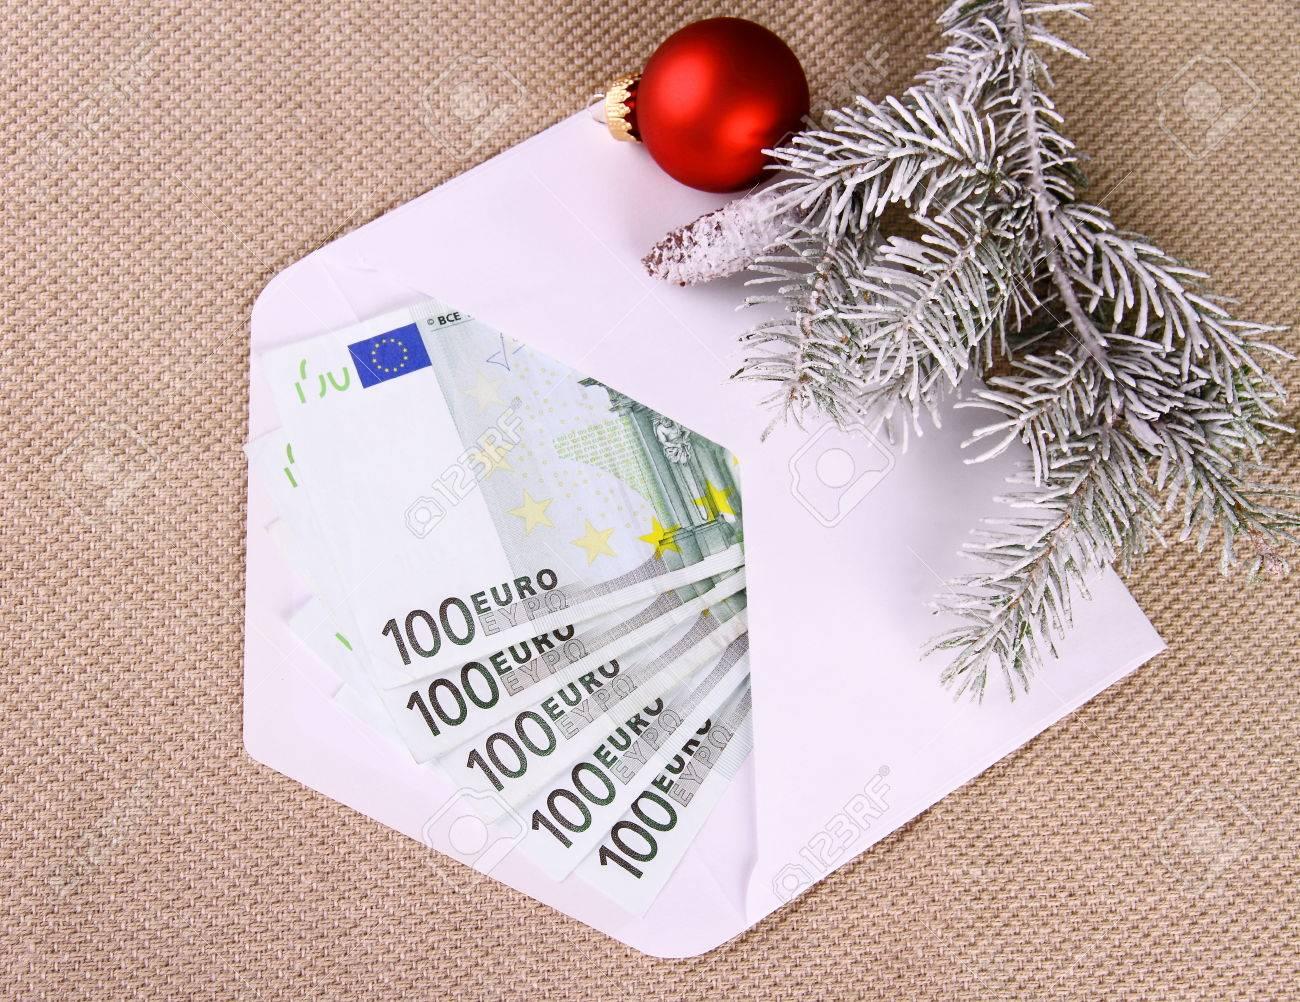 Δώρο Χριστουγέννων 2020, δώρο χριστουγέννων 2020, δώρο χριστουγέννων 2020 αναστολή, δώρο χριστουγέννων 2020 οαεδ, δώρο χριστουγέννων 2020 για συνταξιούχουσ, δώρο χριστουγέννων 2020 ογα, δώρο χριστουγέννων 2020 υγειονομικοι, δώρο χριστουγέννων 2020 νοσηλευτεσ, δώρο χριστουγέννων 2020 νατ, δώρο χριστουγέννων 2020 στουσ υγειονομικουσ, δώρο χριστουγέννων 2020 για ναυτικουσ,